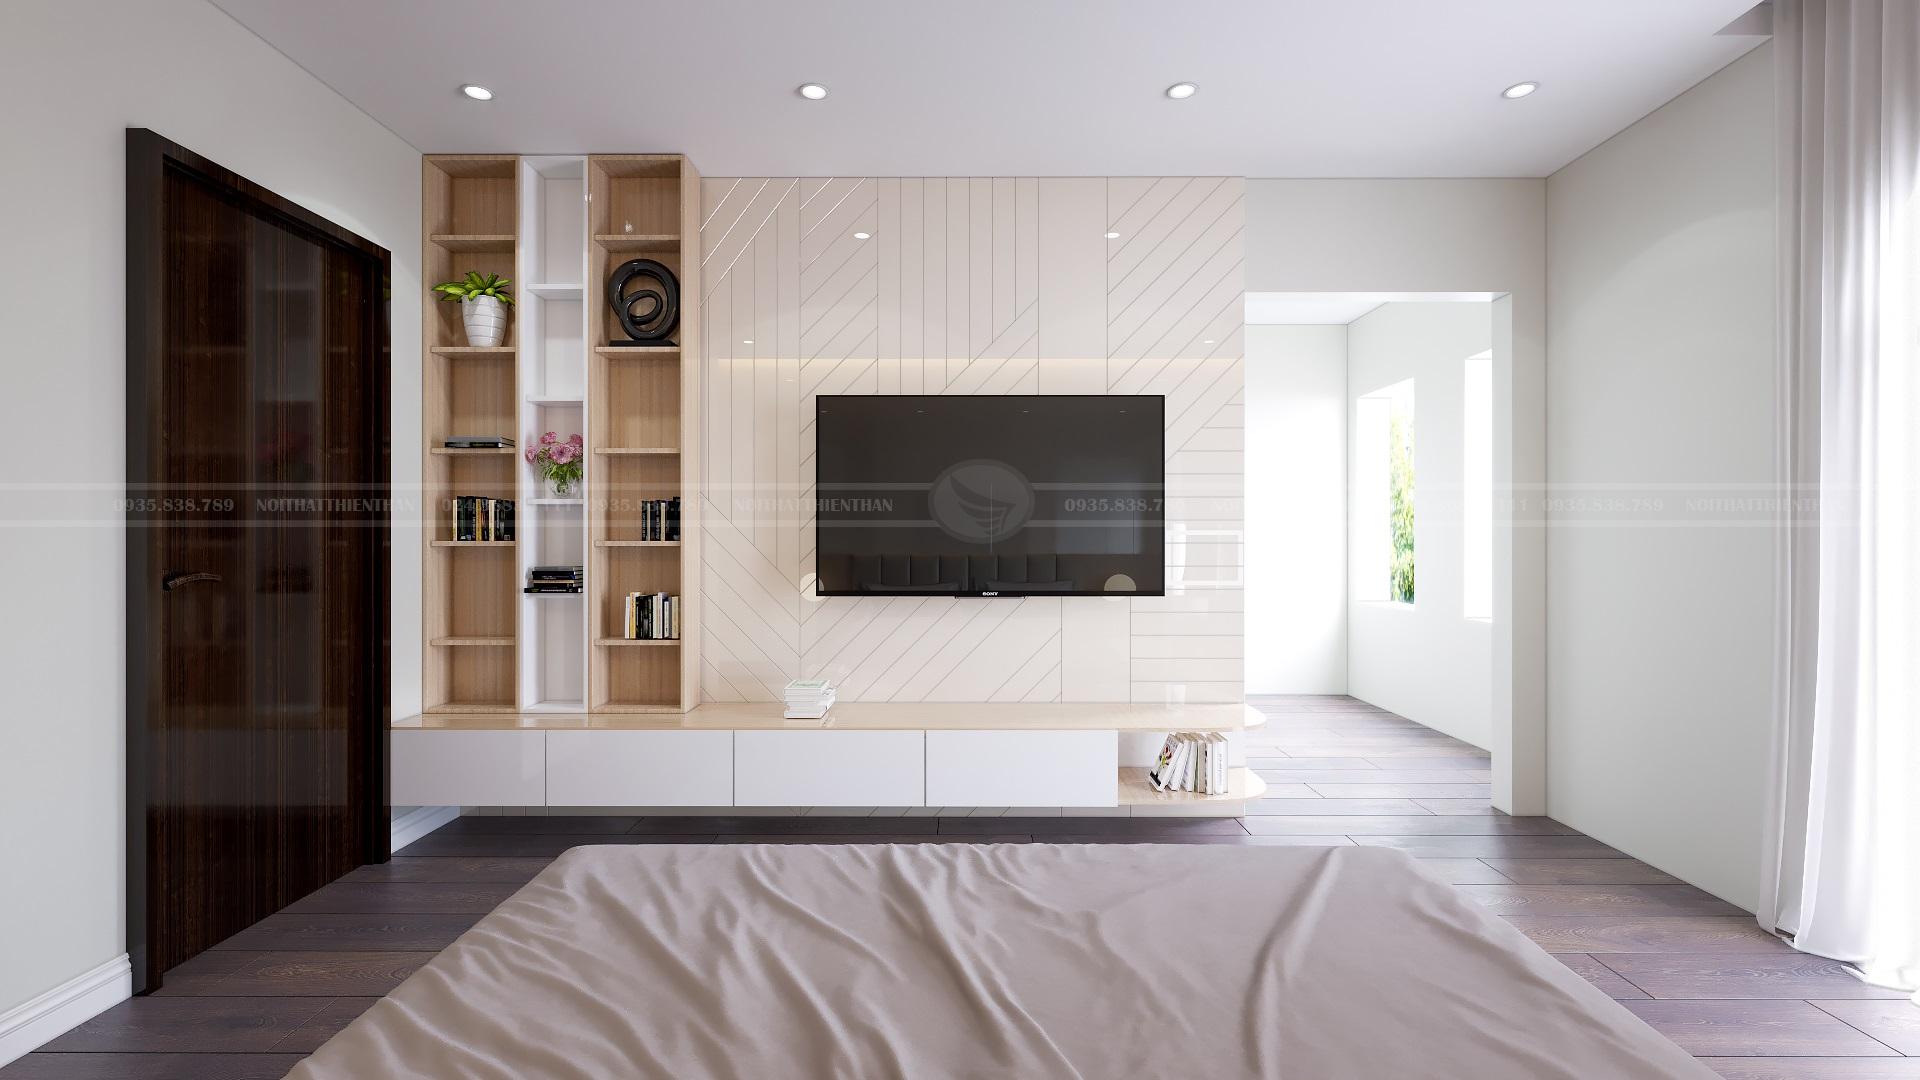 trang trí phòng ngủ đẹp hiện đại